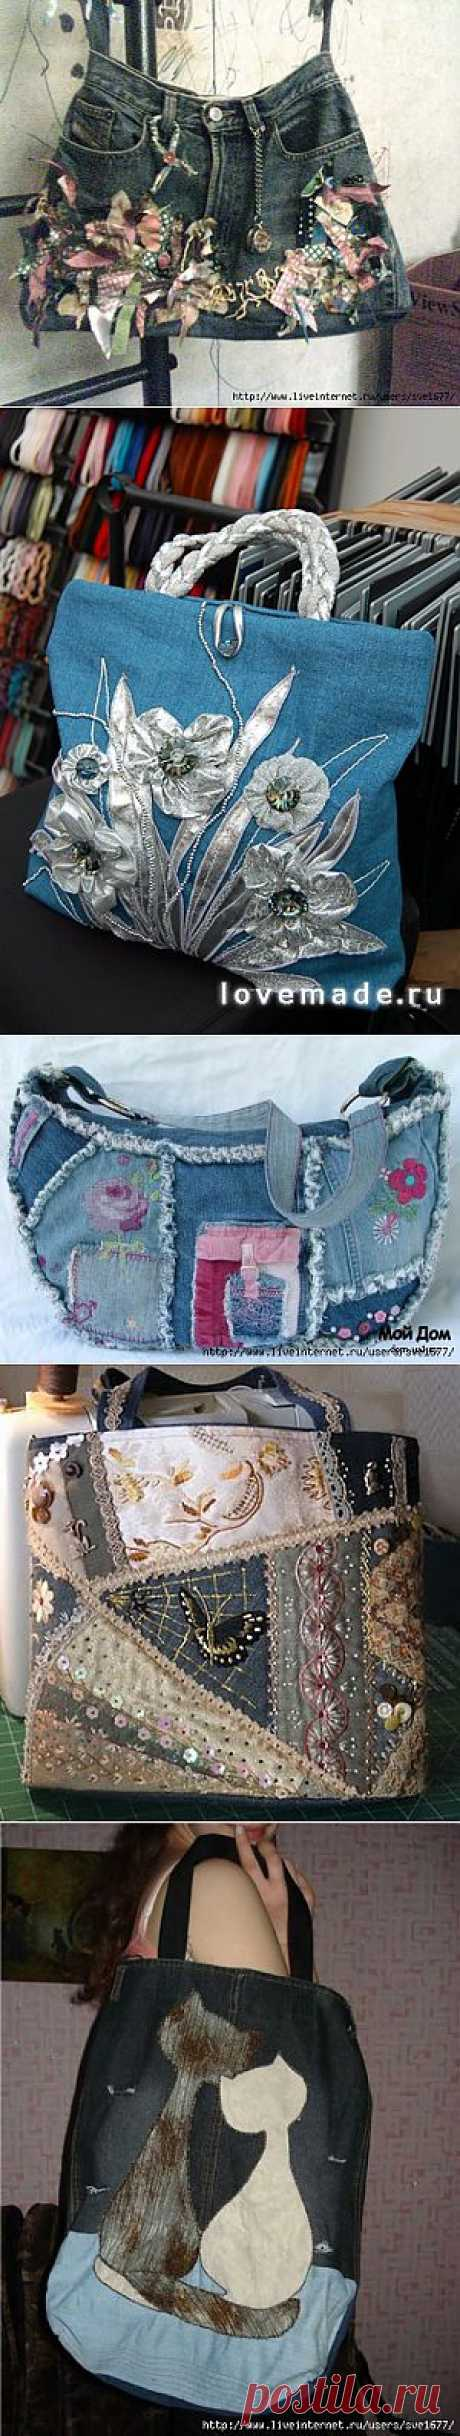 Подборка идей для сумочки из джинса.